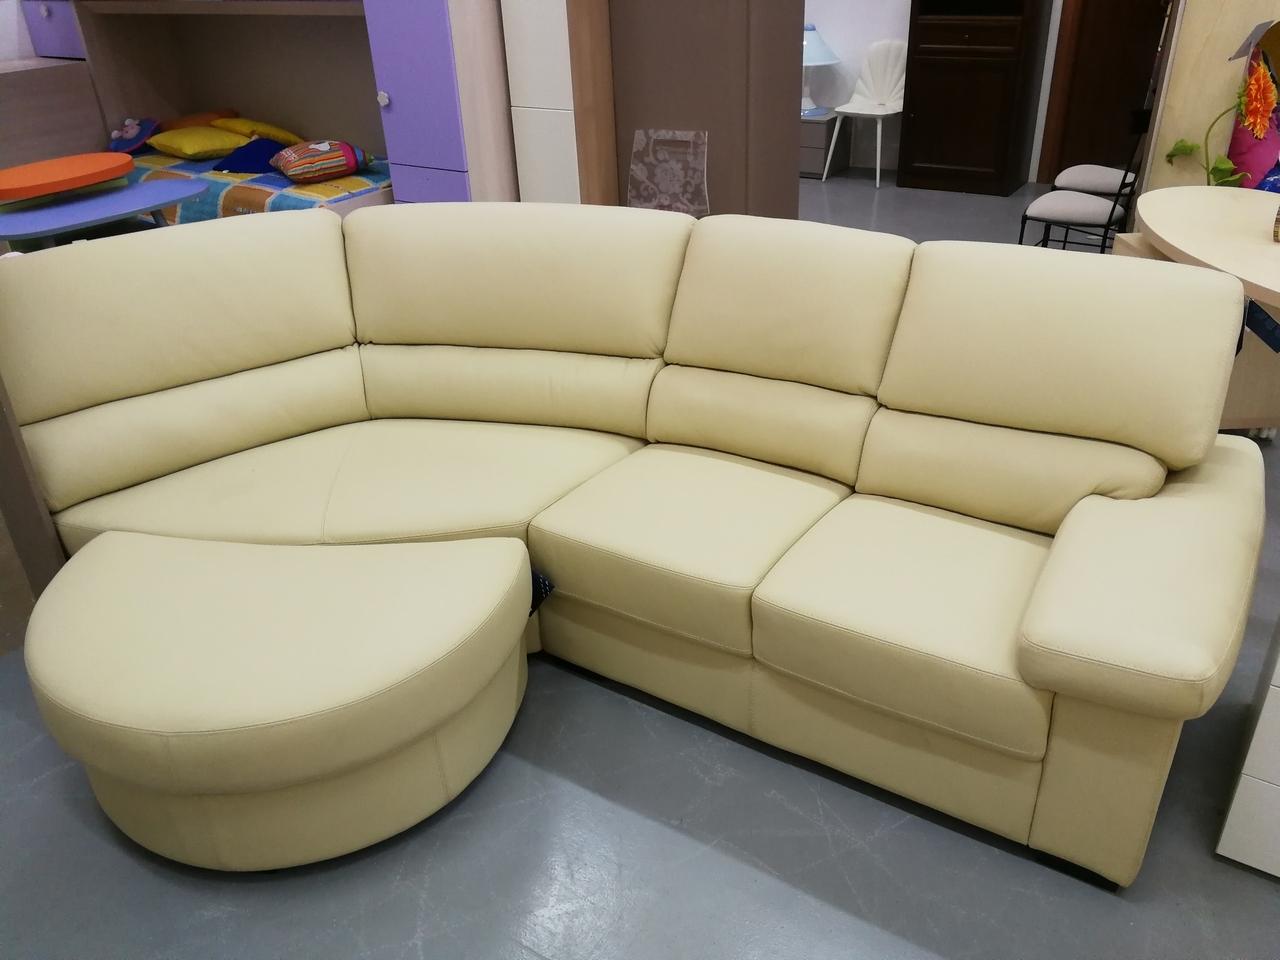 Divano ditre italia divano in pelle con penisola divani for Divani piccoli con penisola